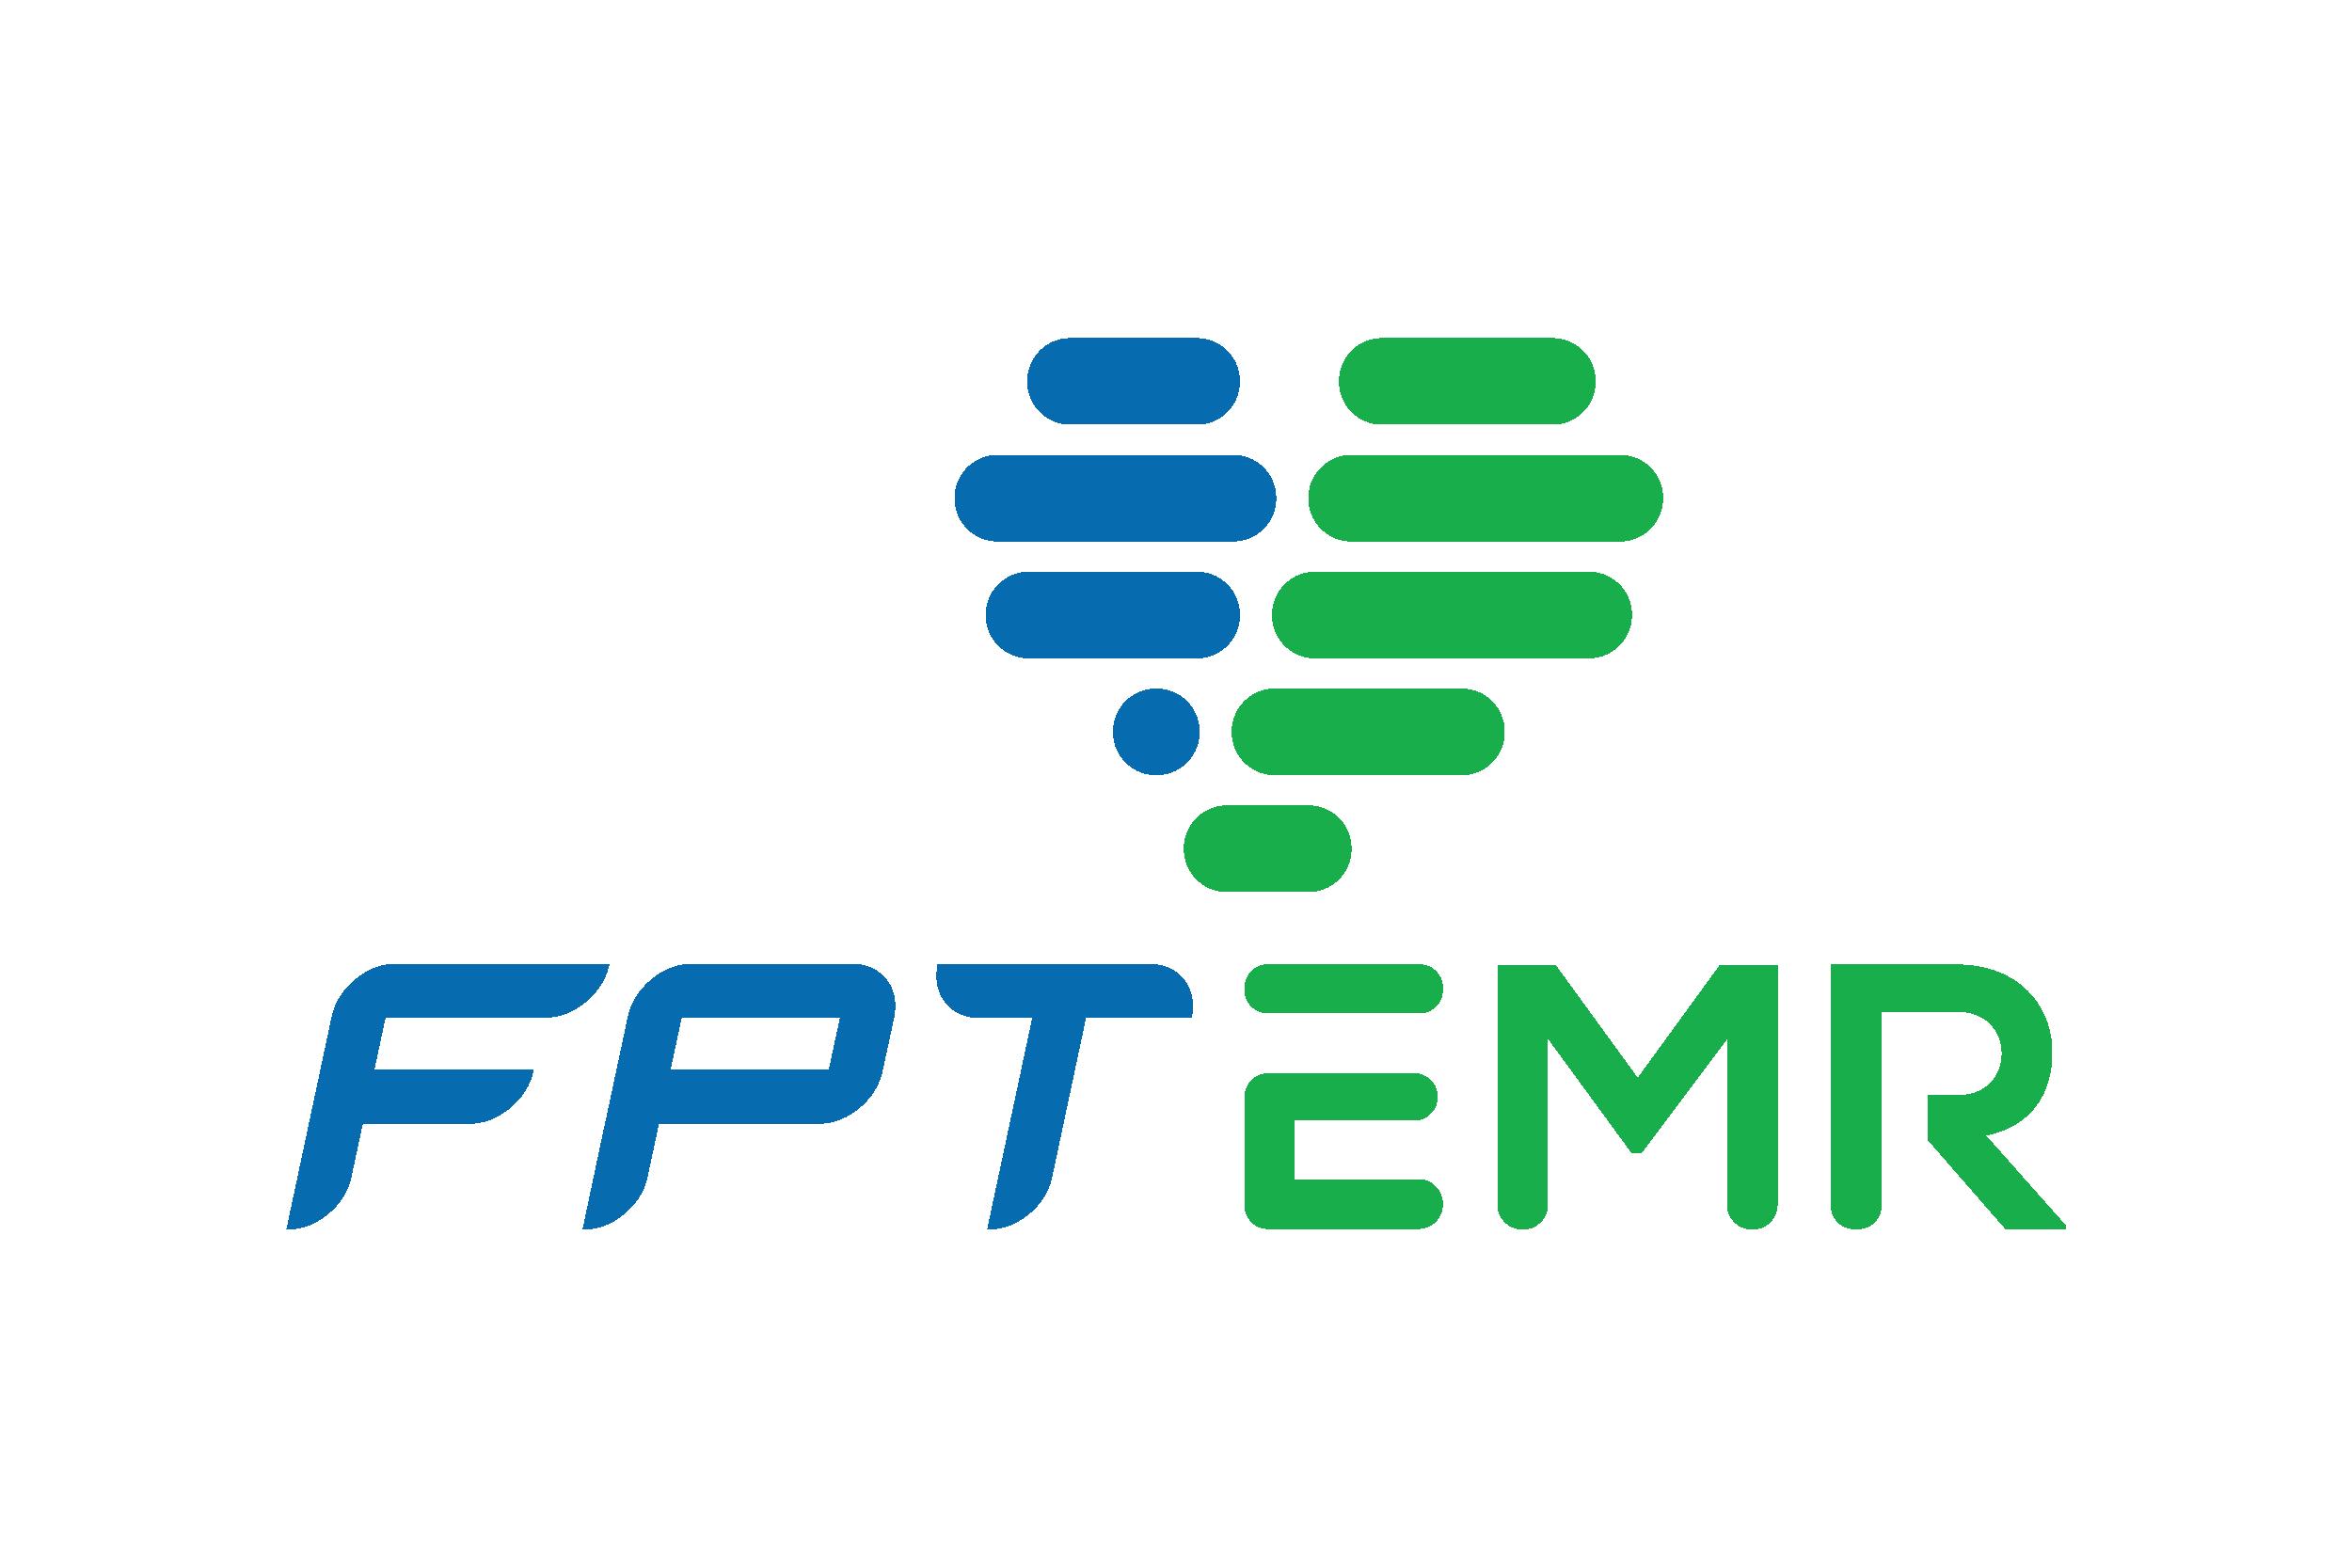 Hệ thống quản lý bệnh án điện tử - FPT.EMR